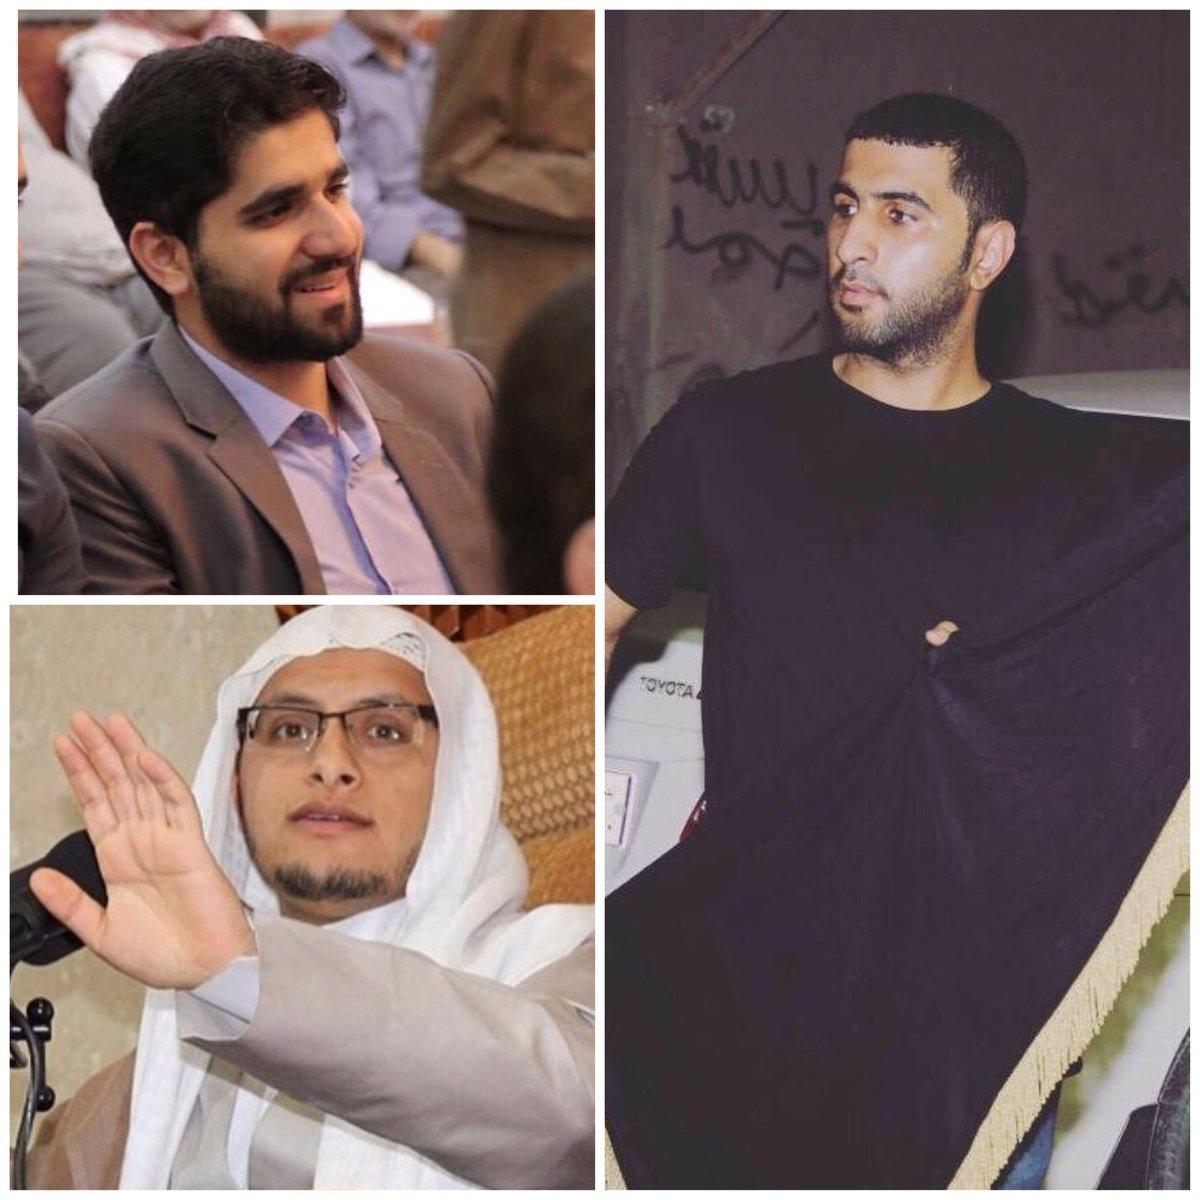 قلق على 3 معتقلي رأي من بلدة الدراز بعد إخفائهم 10 أيّام